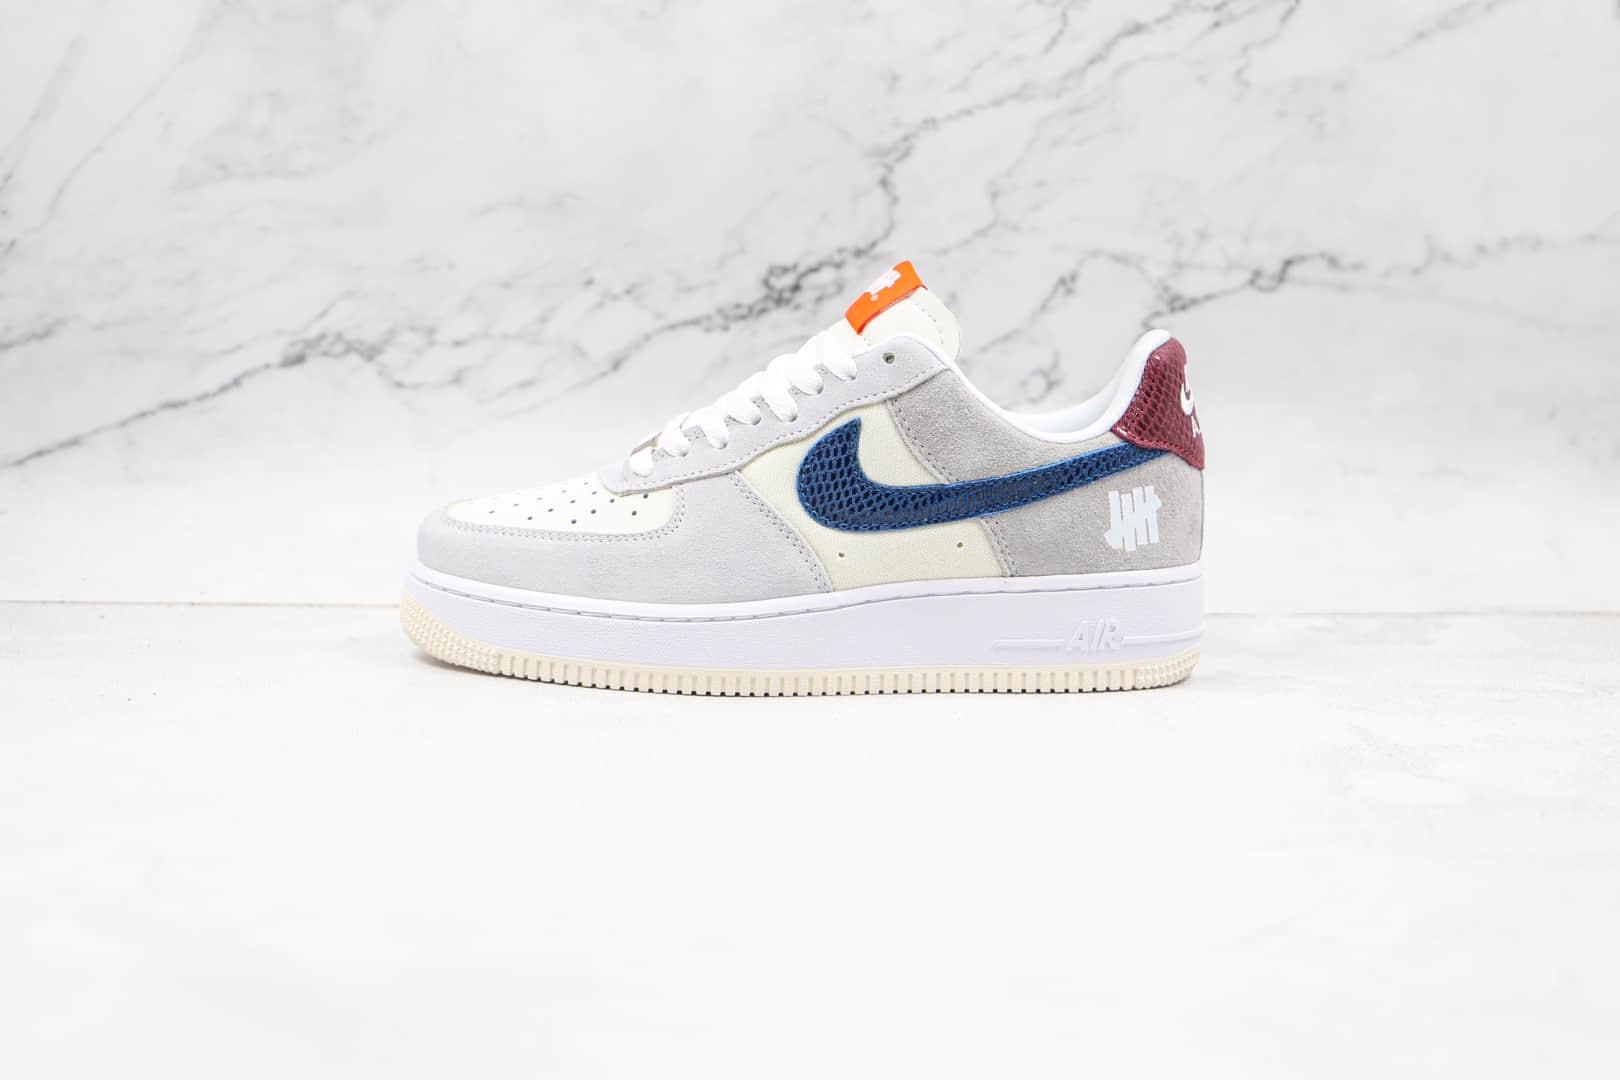 耐克Nike AIR FMRCE 1 VALENTINE'S DAY纯原版本低帮空军一号灰蓝色情人节板鞋内置气垫 货号:DM8461-001